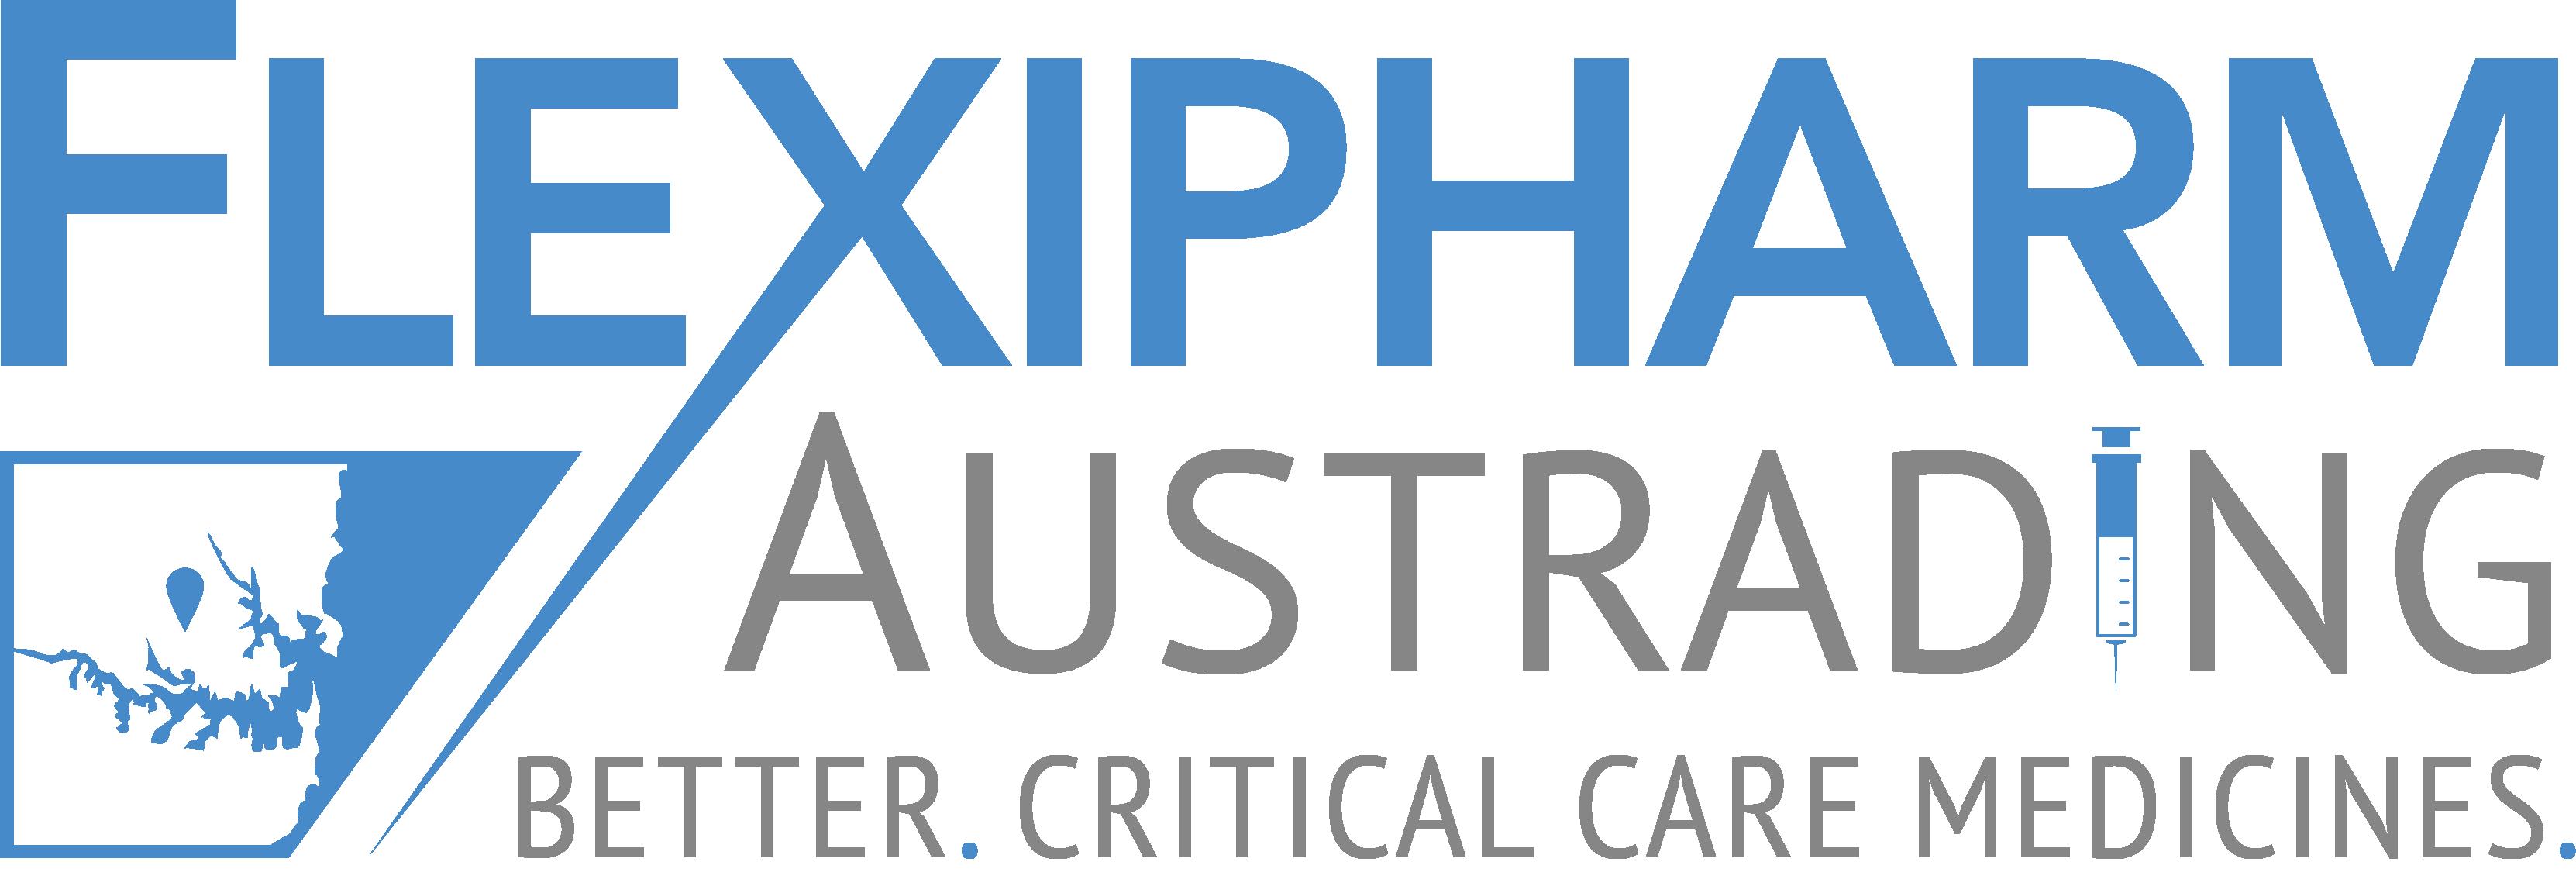 Flexipharm Austrading Logo